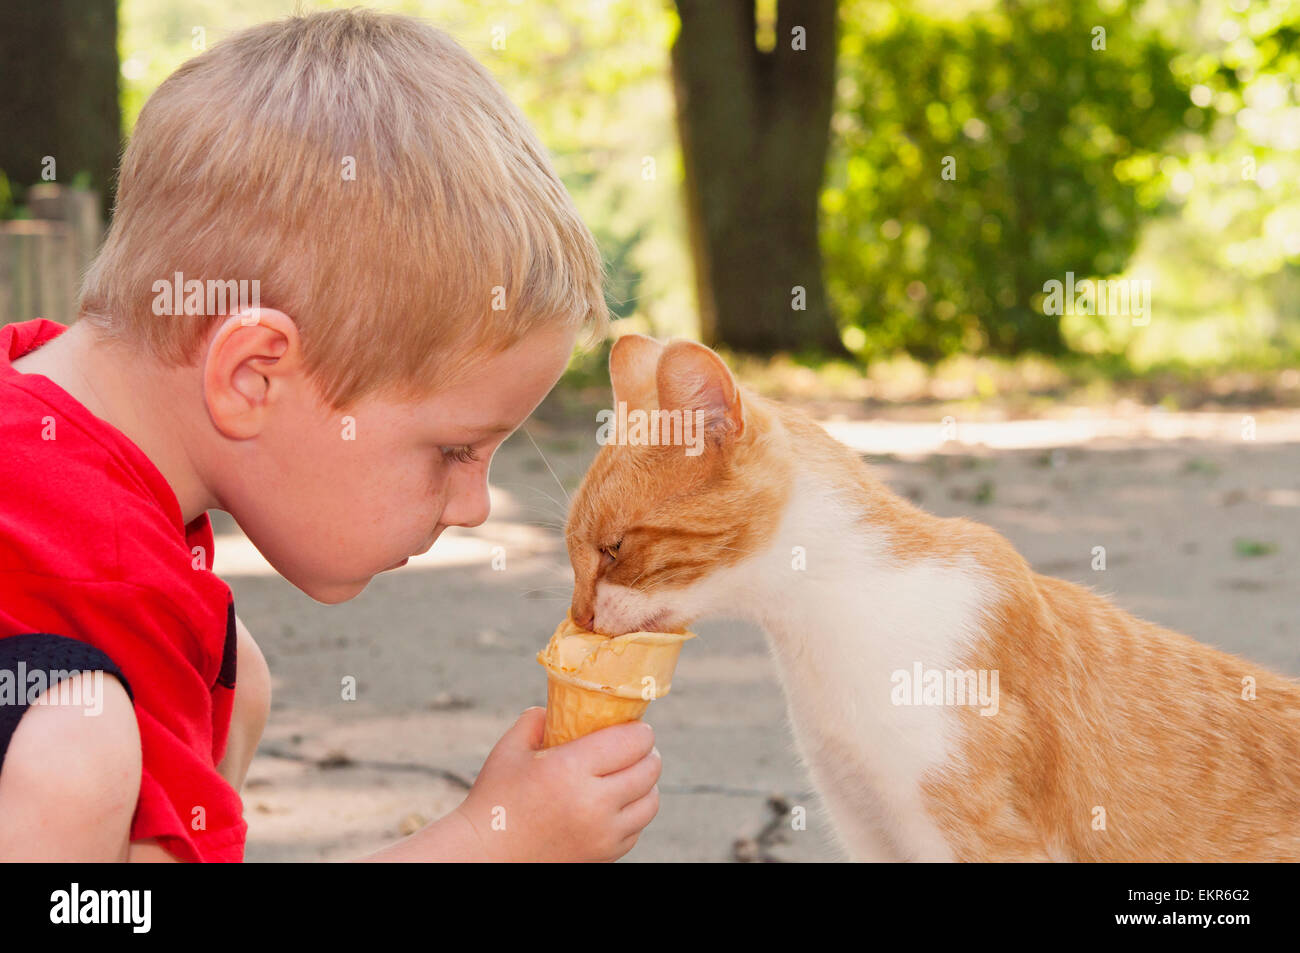 Alimentación del niño cat su helado Imagen De Stock